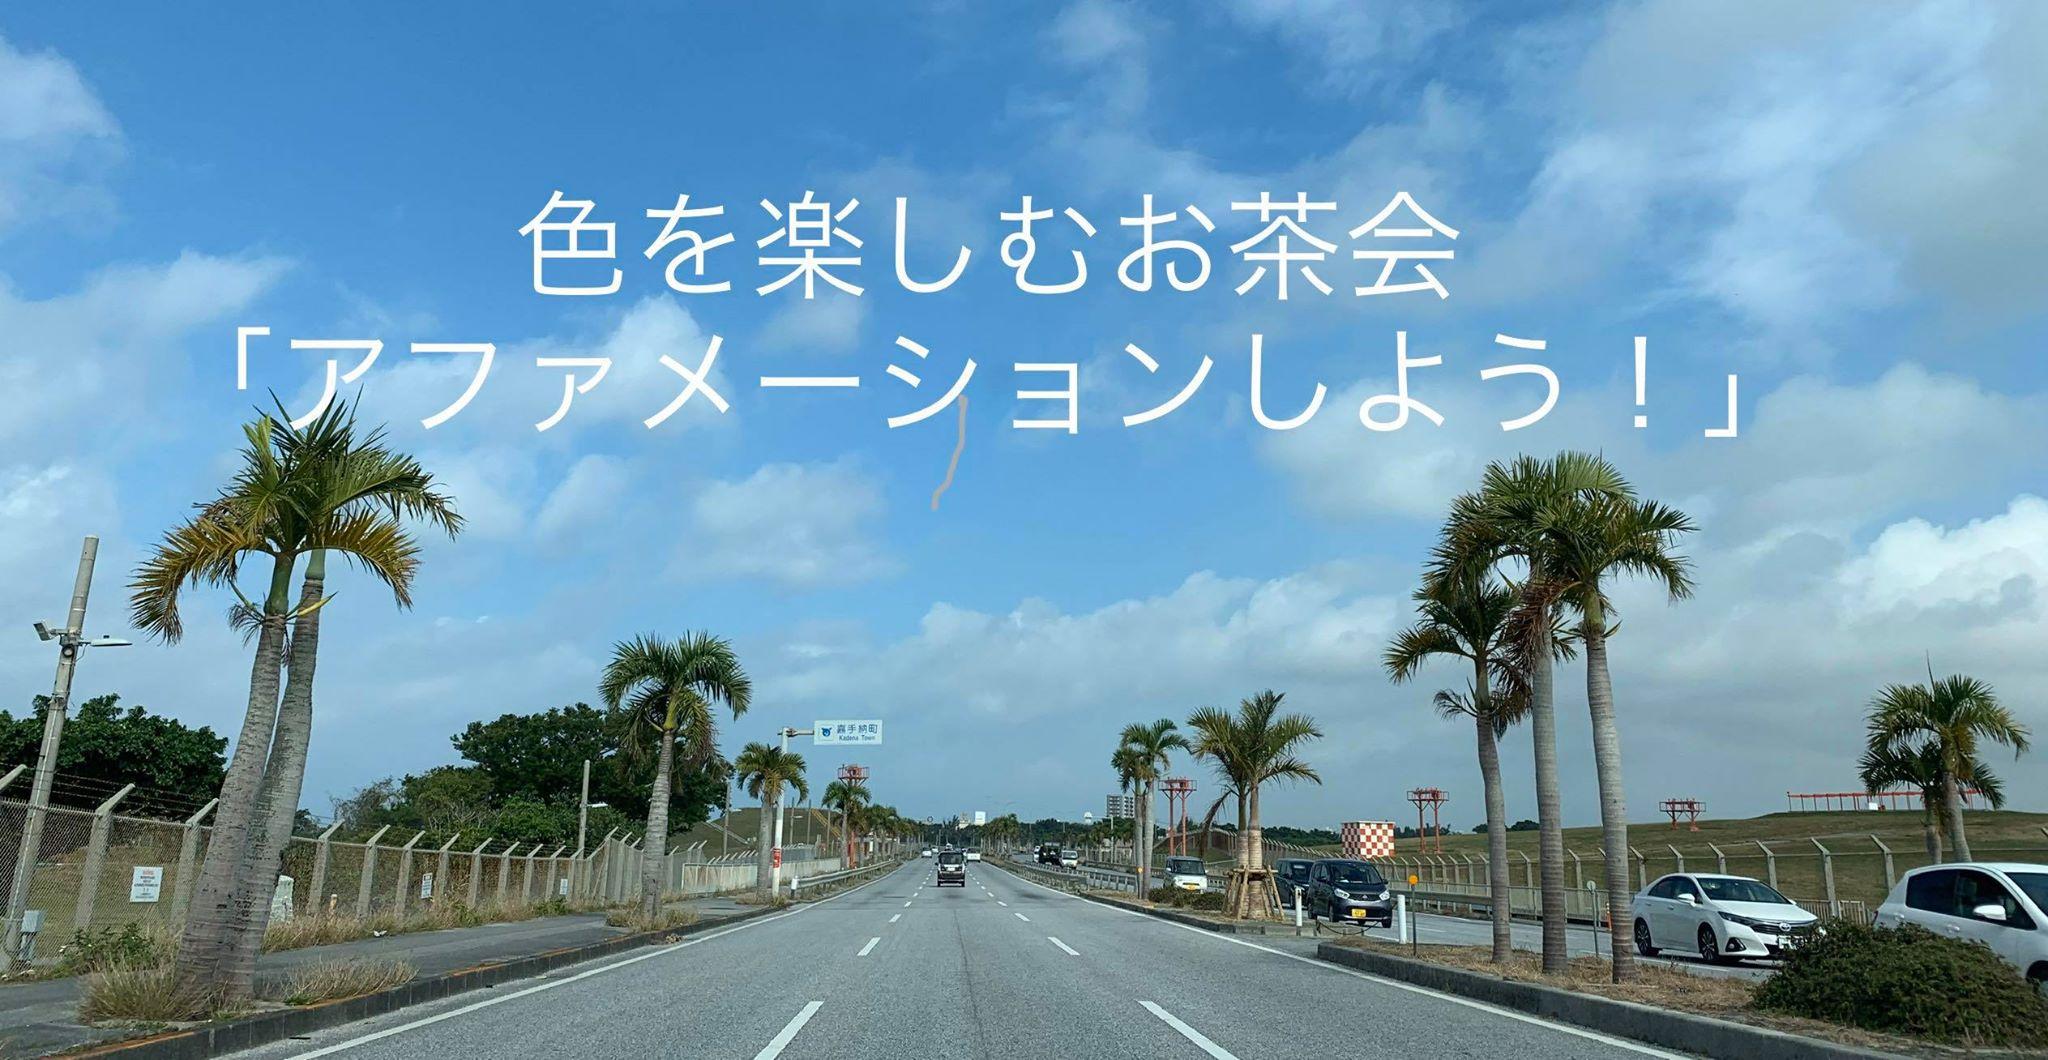 5/31(日)色を楽しむお茶会 『アファメーション(自分への宣言)しよう!』